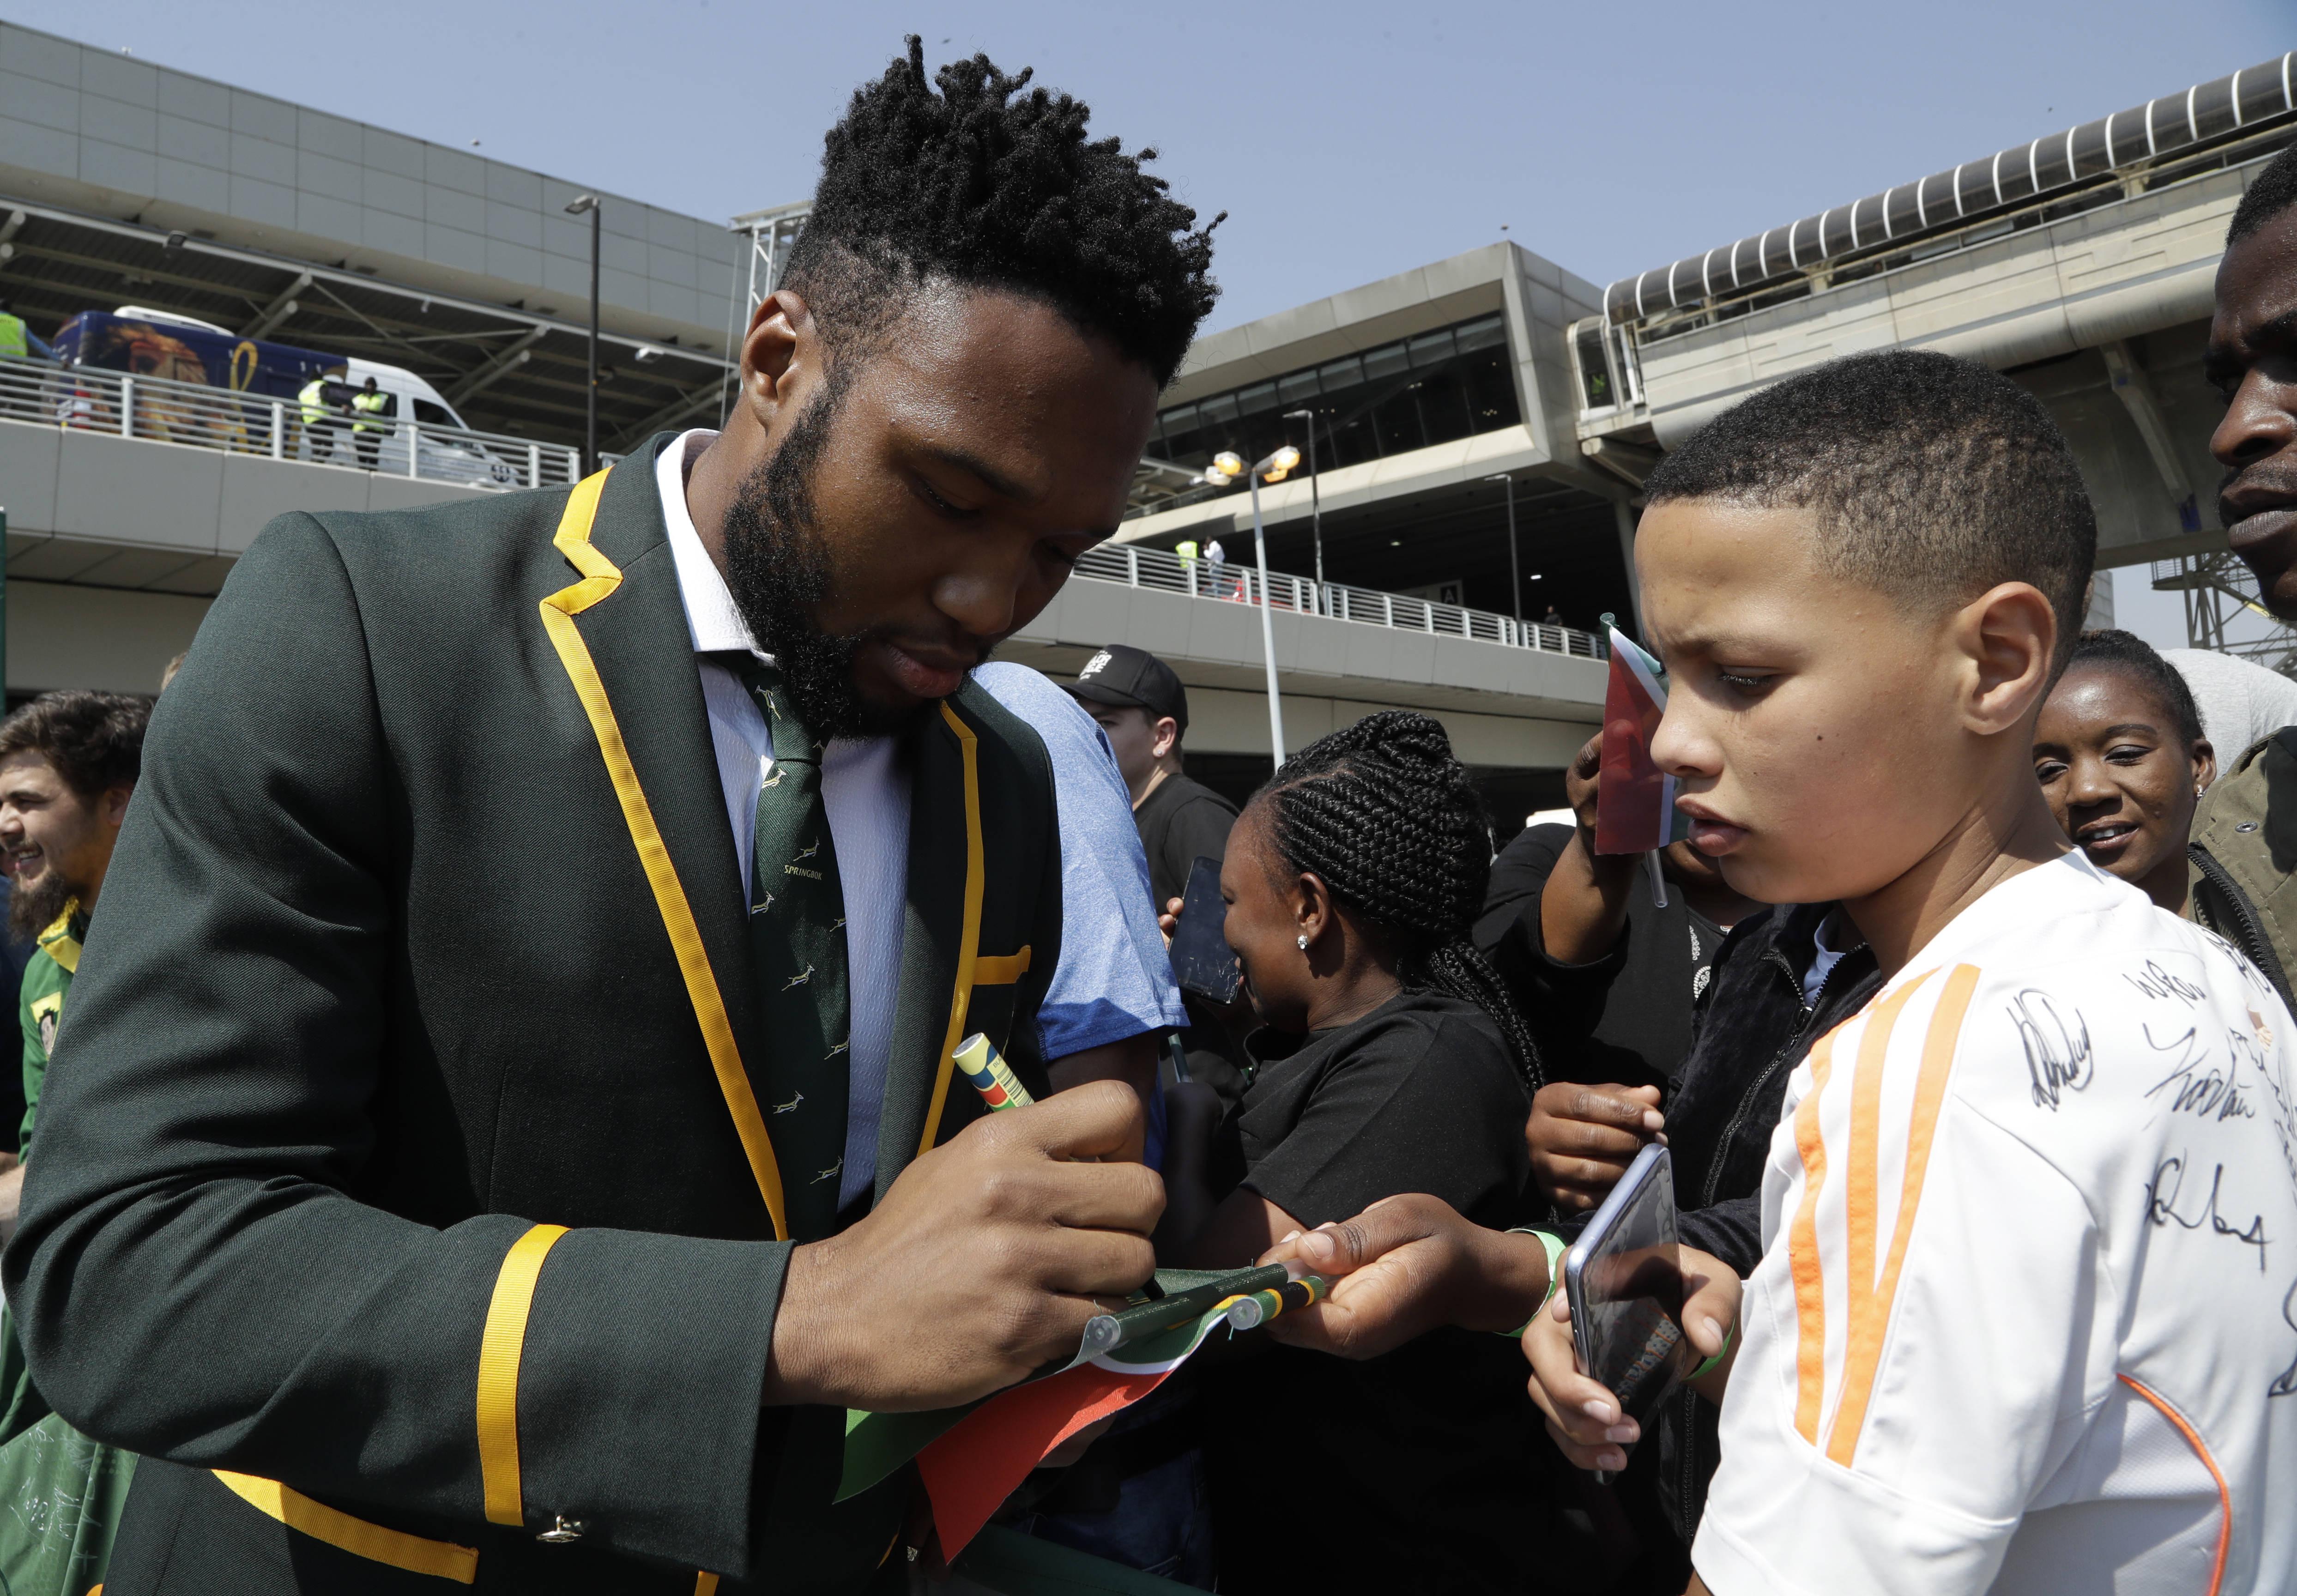 Siya Kolisi signant un autographe avant de s'envoler au Japon pour la Coupe du monde, vendredi 30 août à l'aéroport O.R. Thabo de Johannesburg.